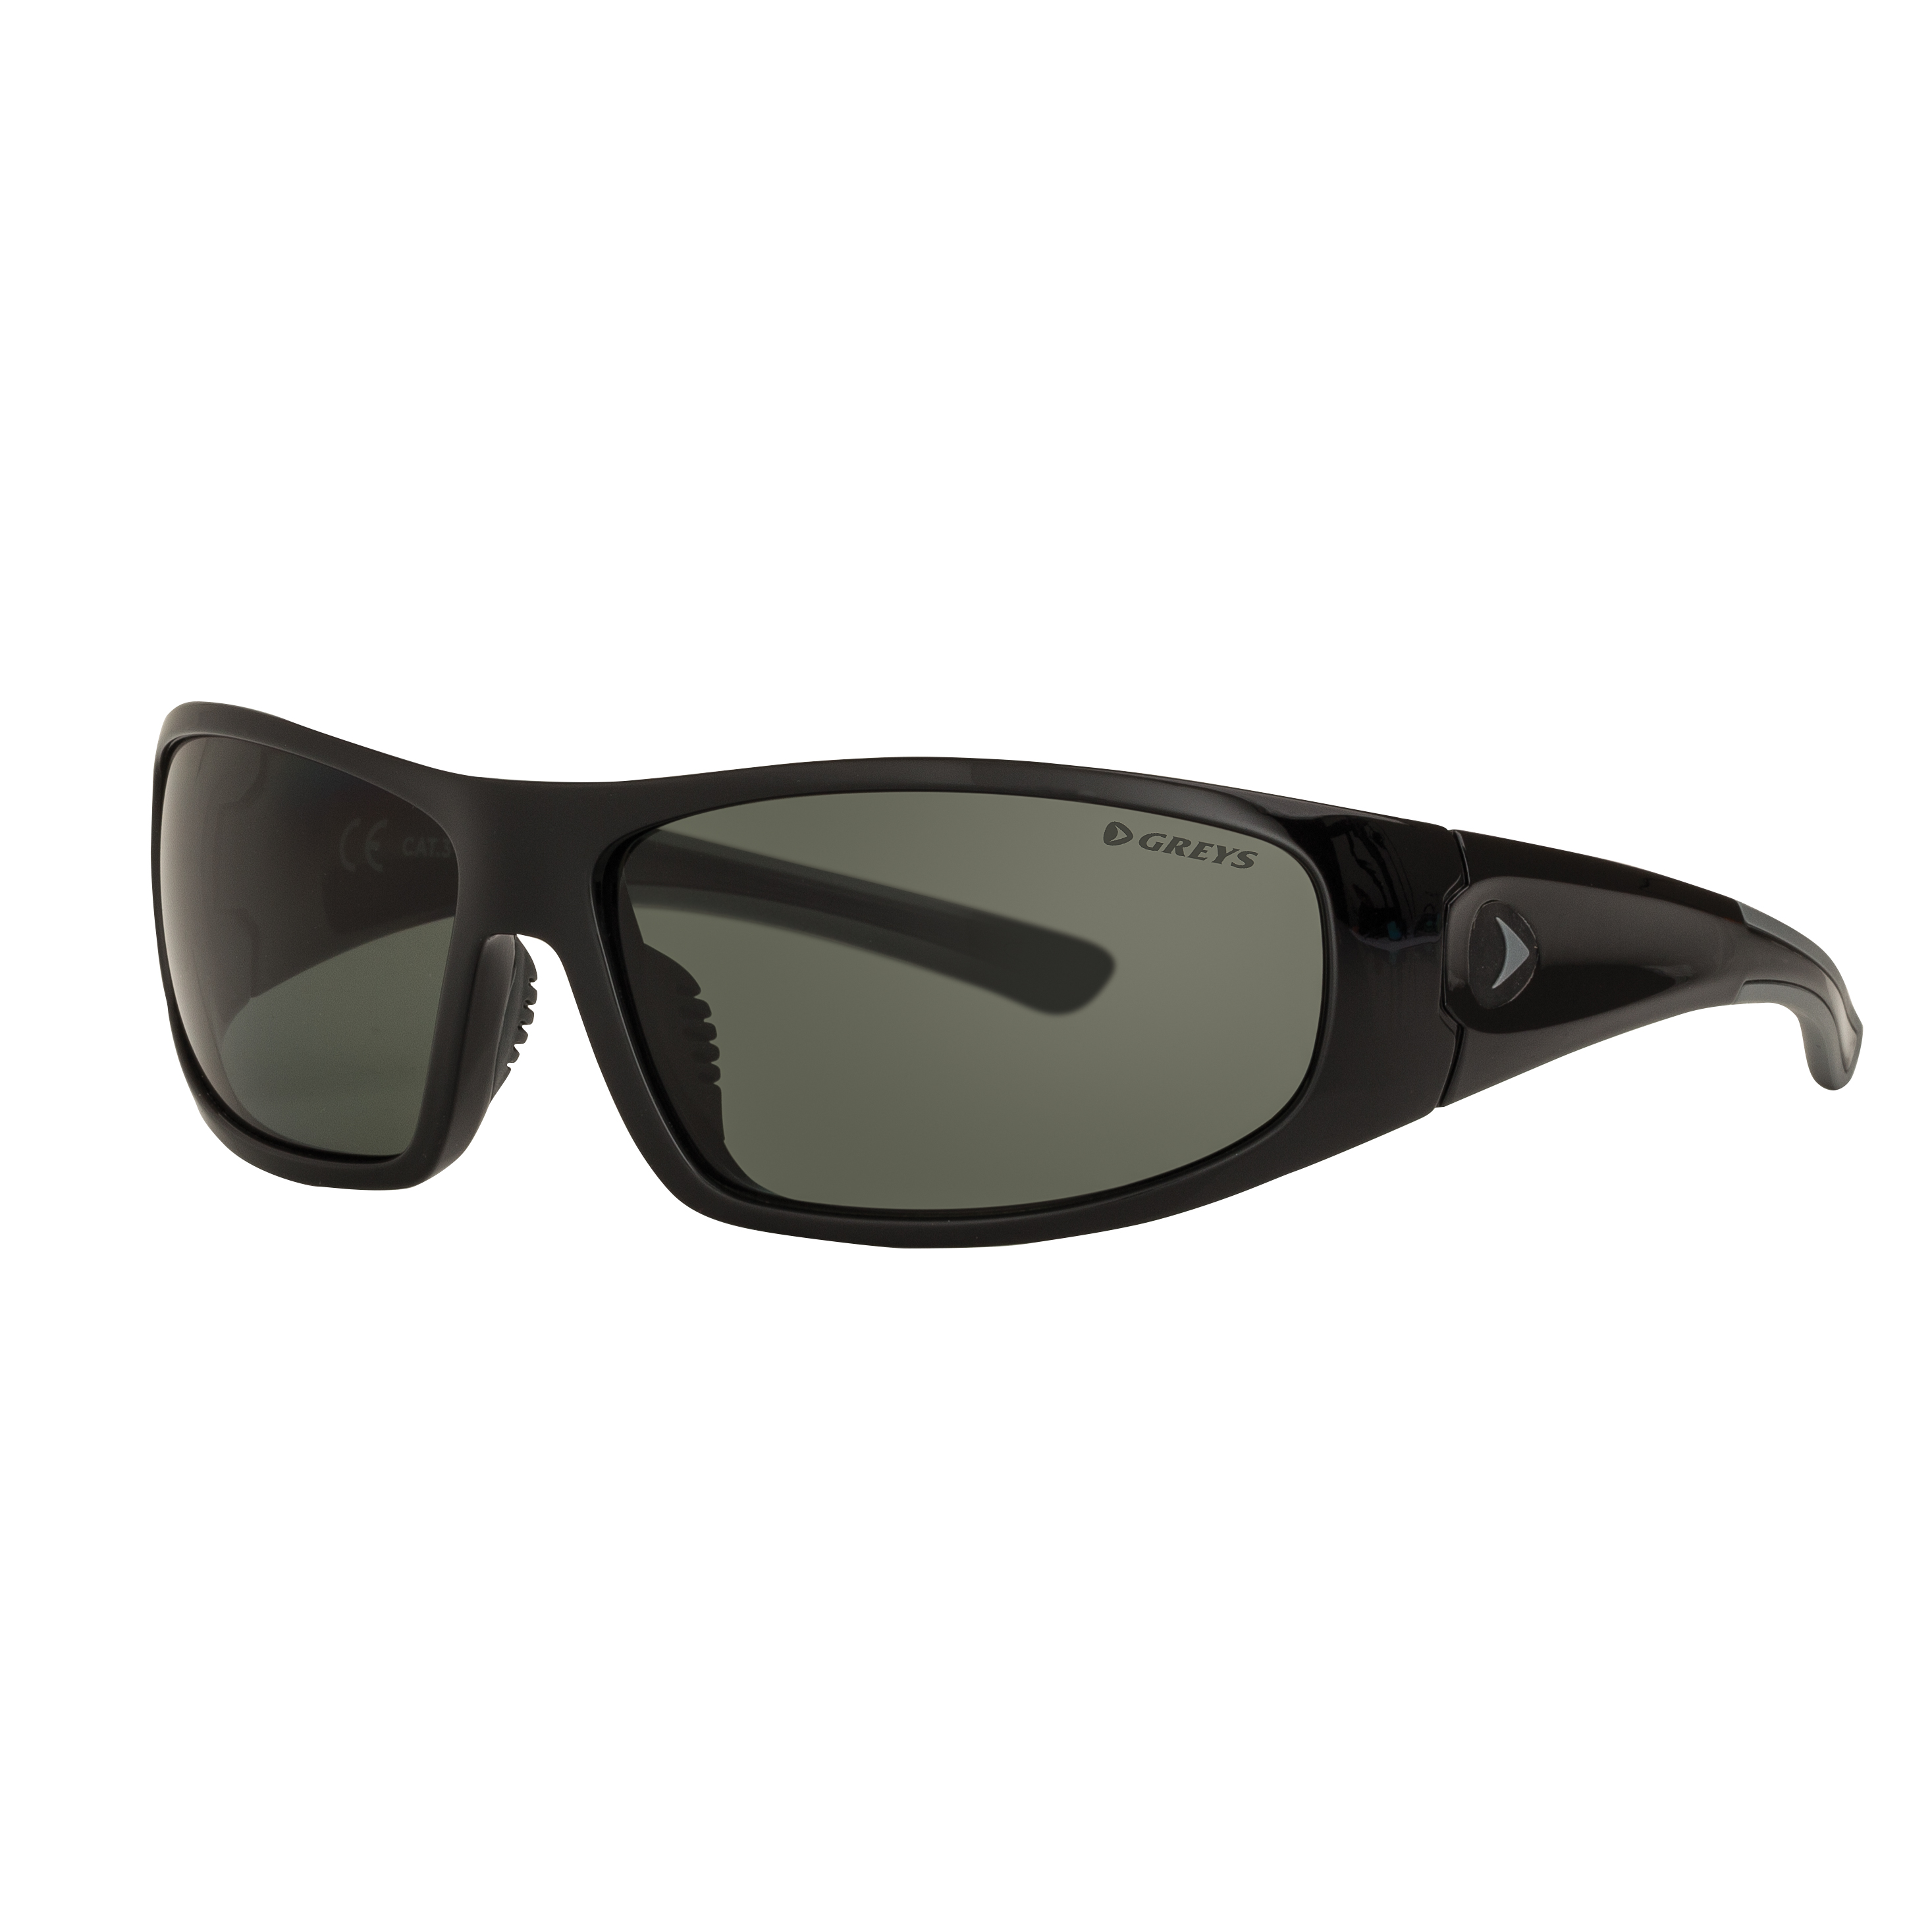 86200a3c9b9 Greys G1 Sunglasses – Glasgow Angling Centre